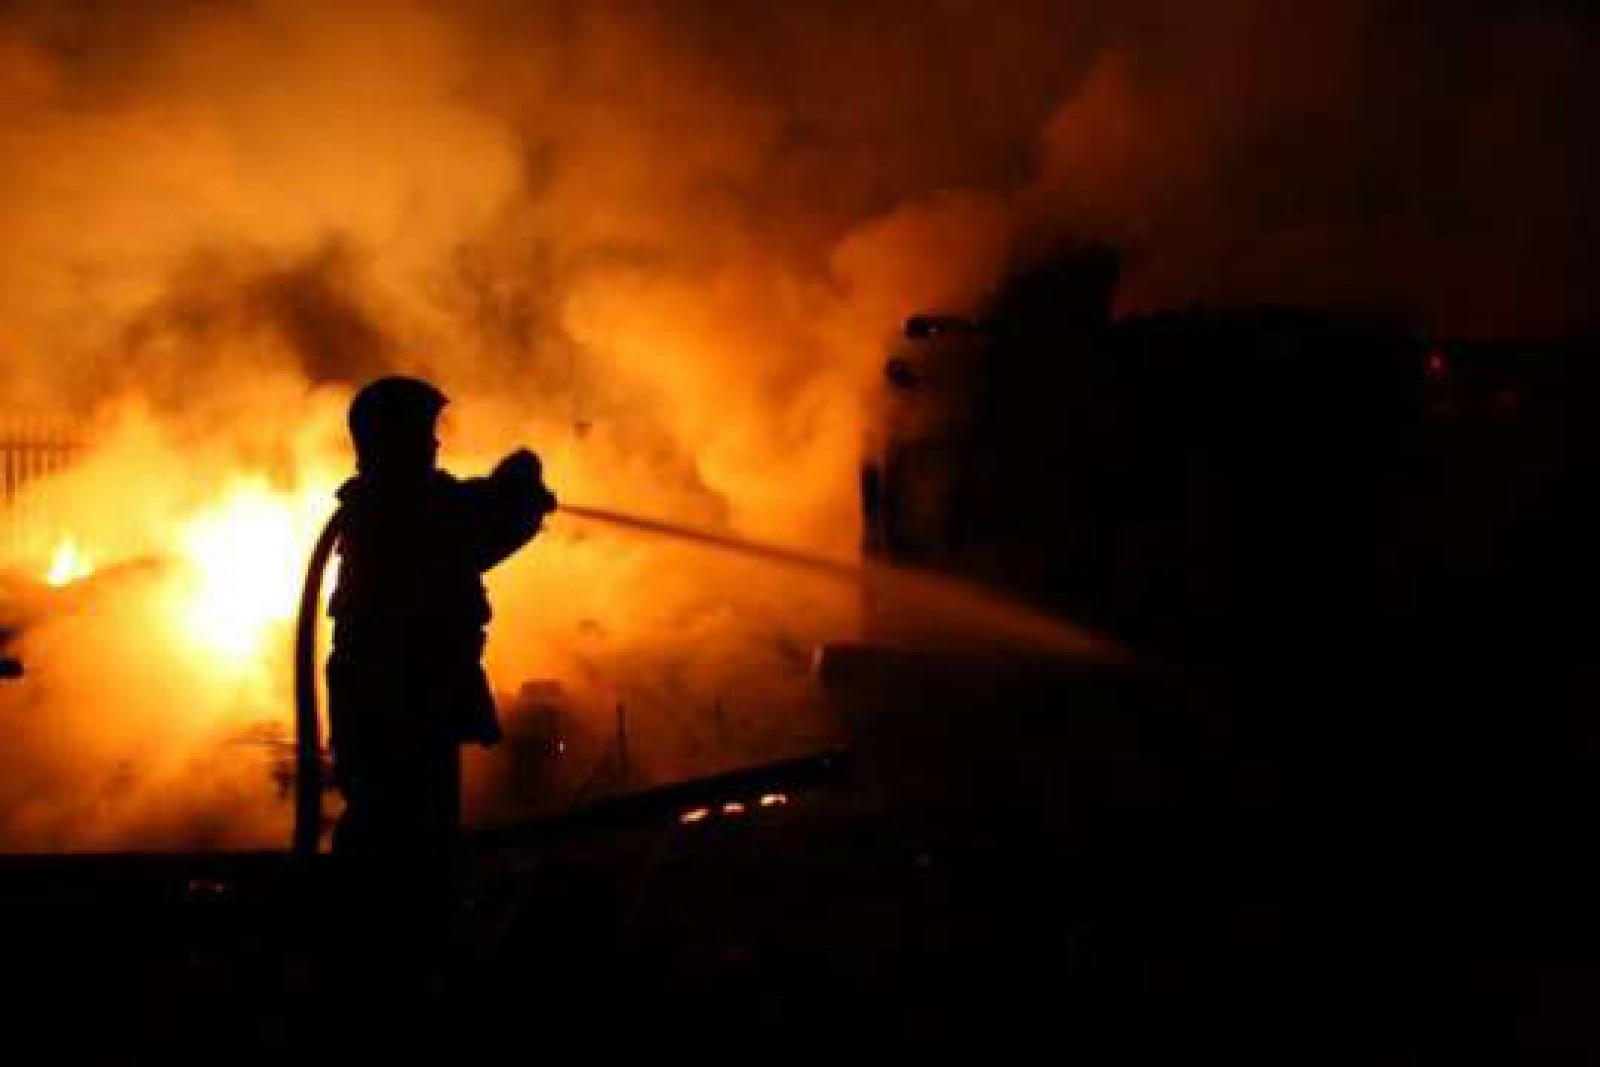 Incendiu în Călărași: Doi bărbați, găsiți morți în propria locuință